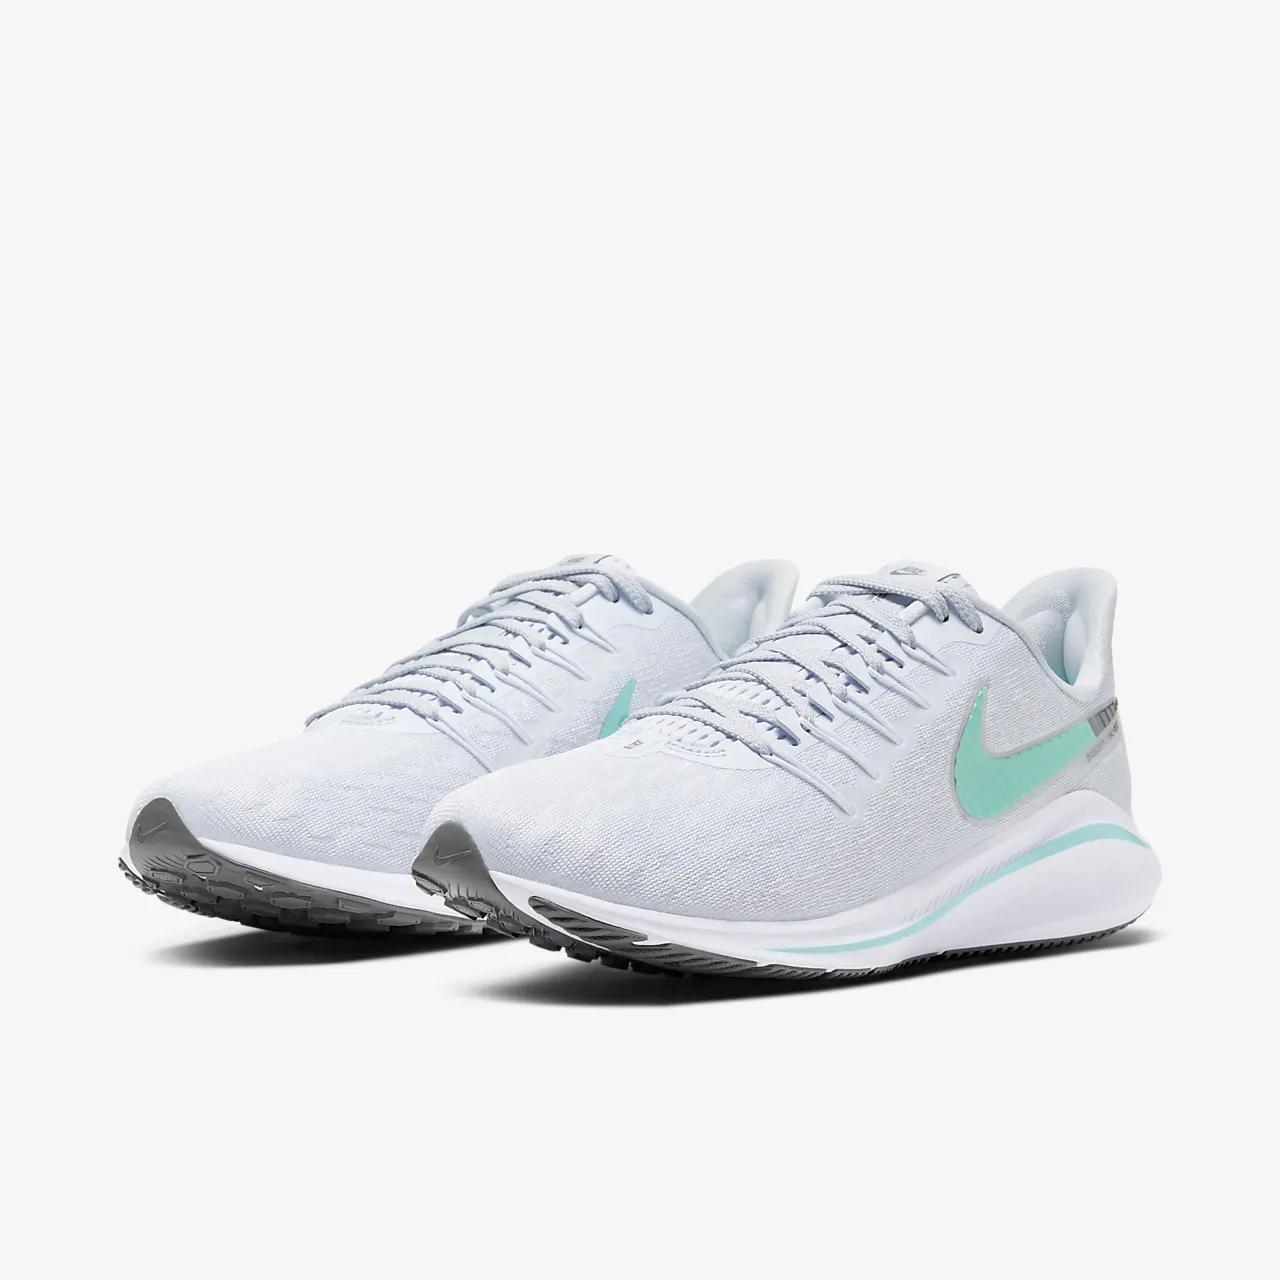 유럽직배송 나이키 NIKE Nike Air Zoom Vomero 14 Women's Running Shoe AH7858-008